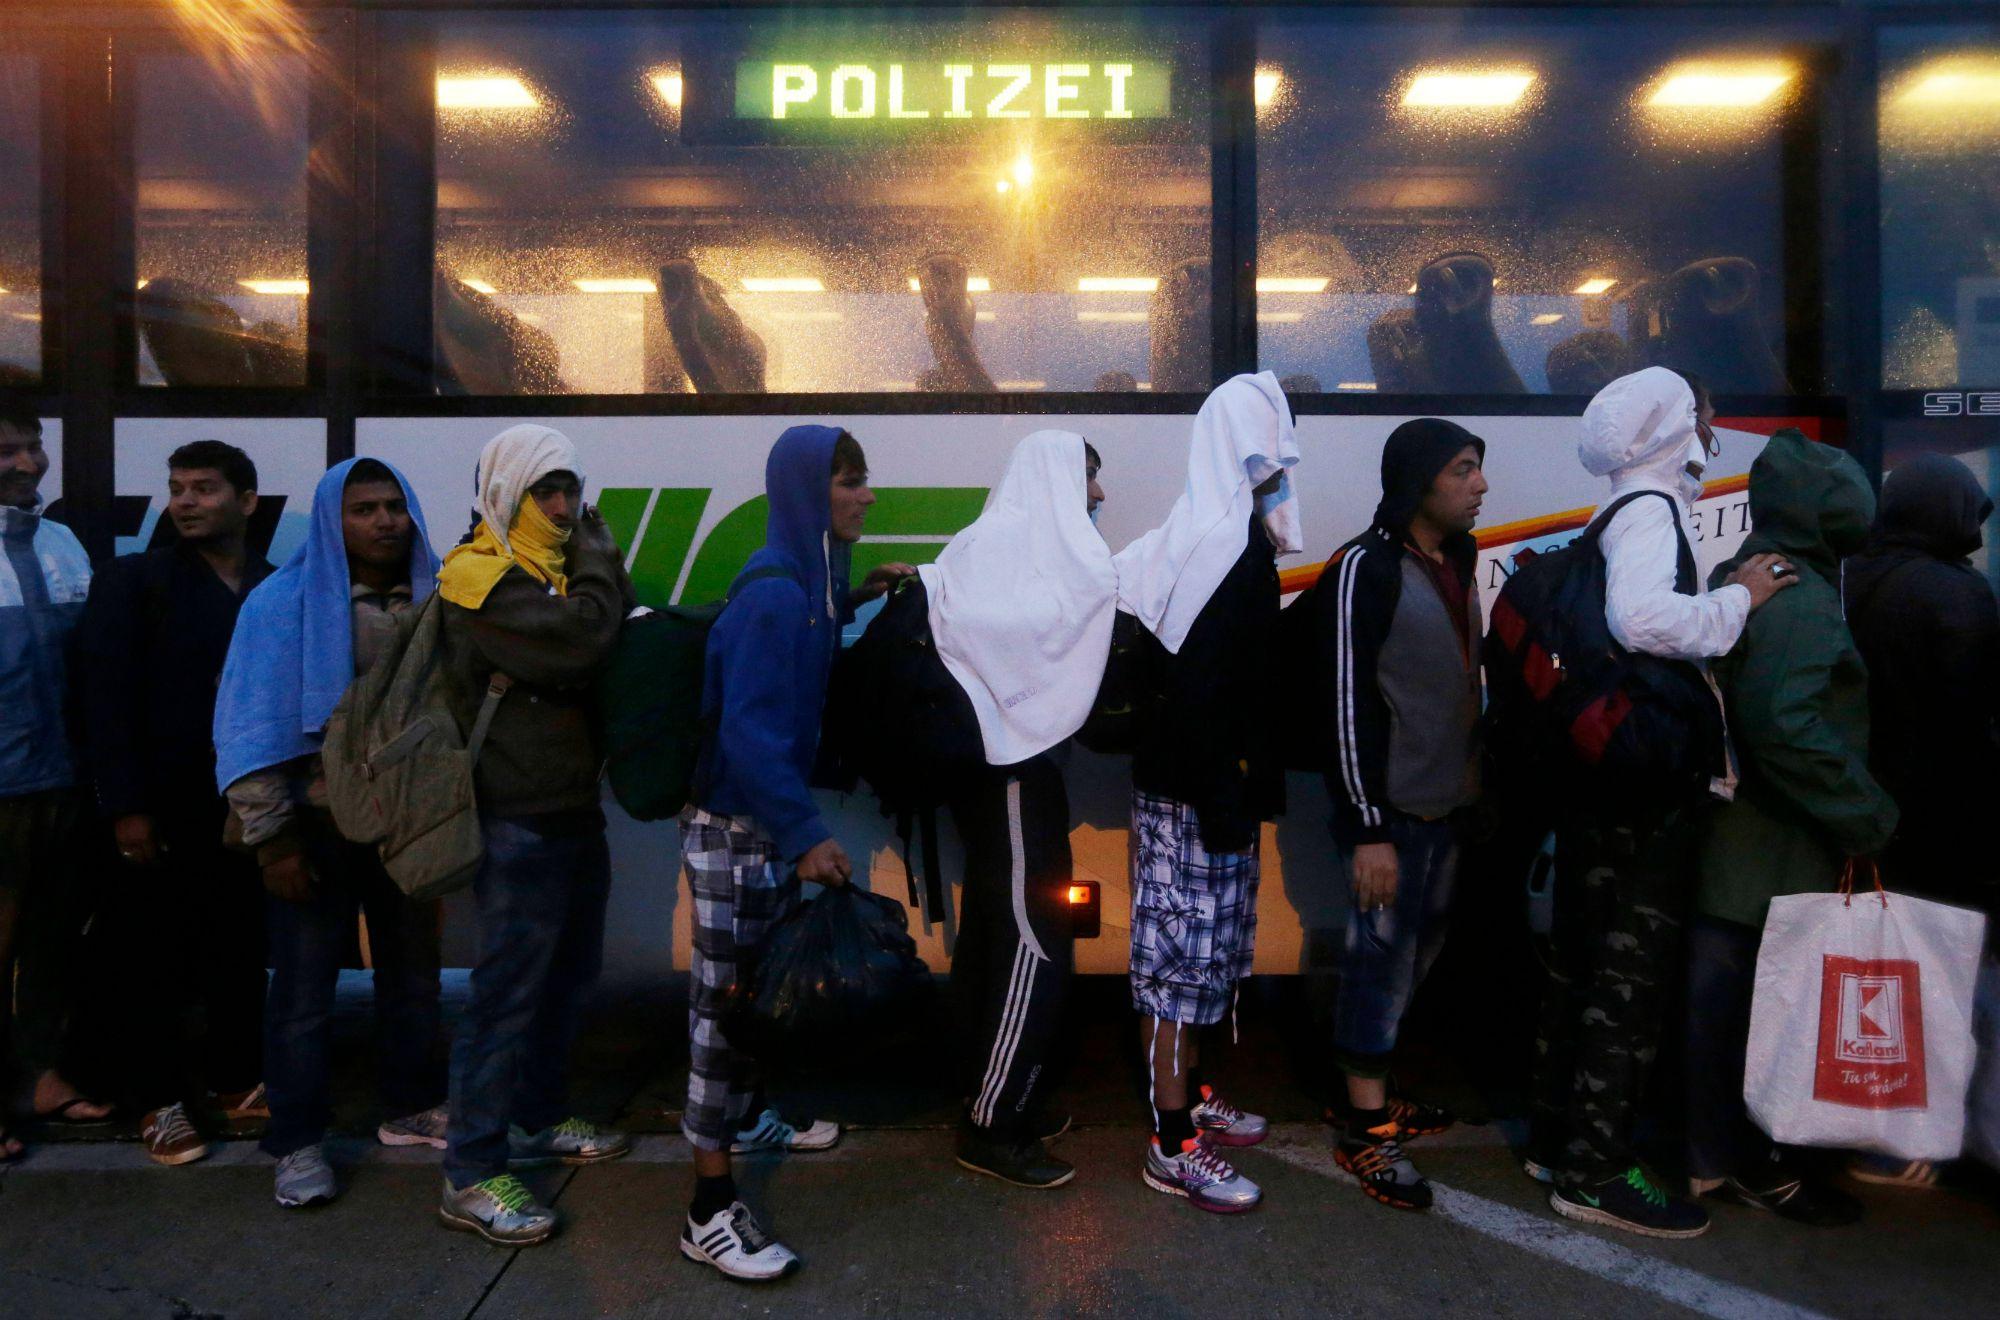 Τι κάνουν οι μετανάστες μόλις φθάνουν στη Γερμανία